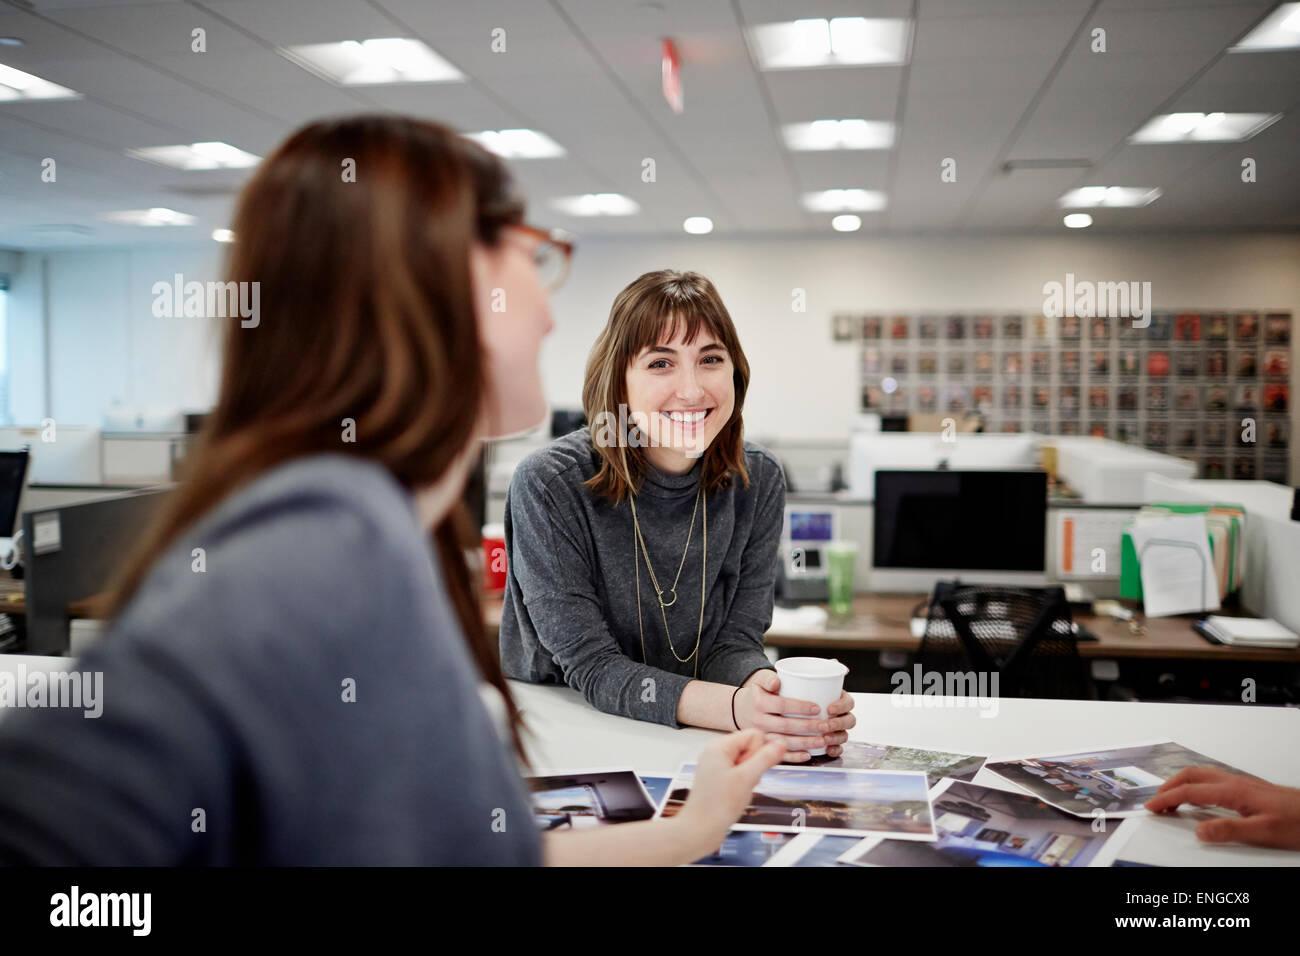 Zwei Frauen sitzen in einem Büro reden und lachen. Stockbild